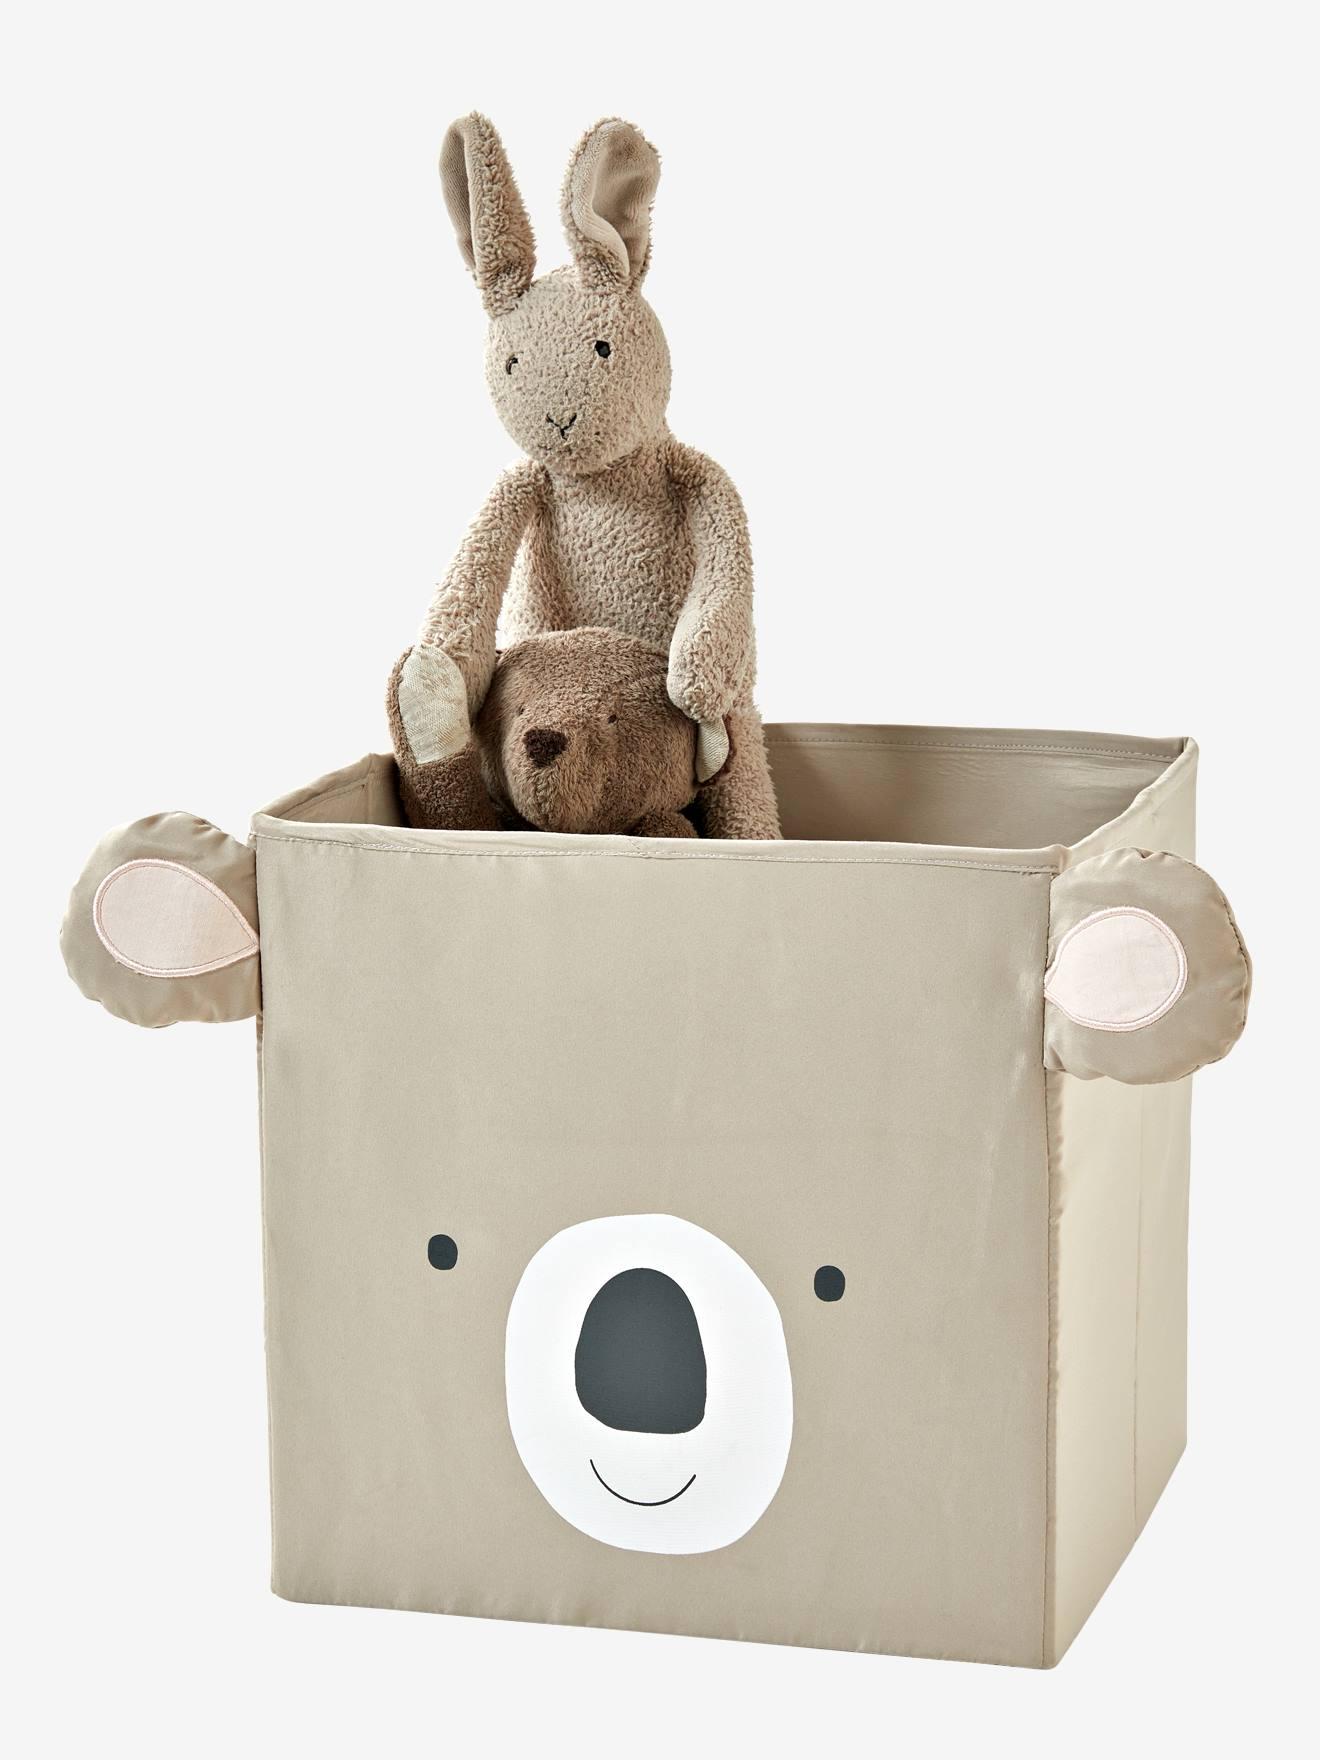 Full Size of Aufbewahrungsboxen Kinderzimmer Stapelbar Amazon Design Ikea Mit Deckel Aufbewahrungsbox Ebay Mint Holz Plastik Vertbaudet 2 Stoff Regale Regal Weiß Sofa Kinderzimmer Aufbewahrungsboxen Kinderzimmer